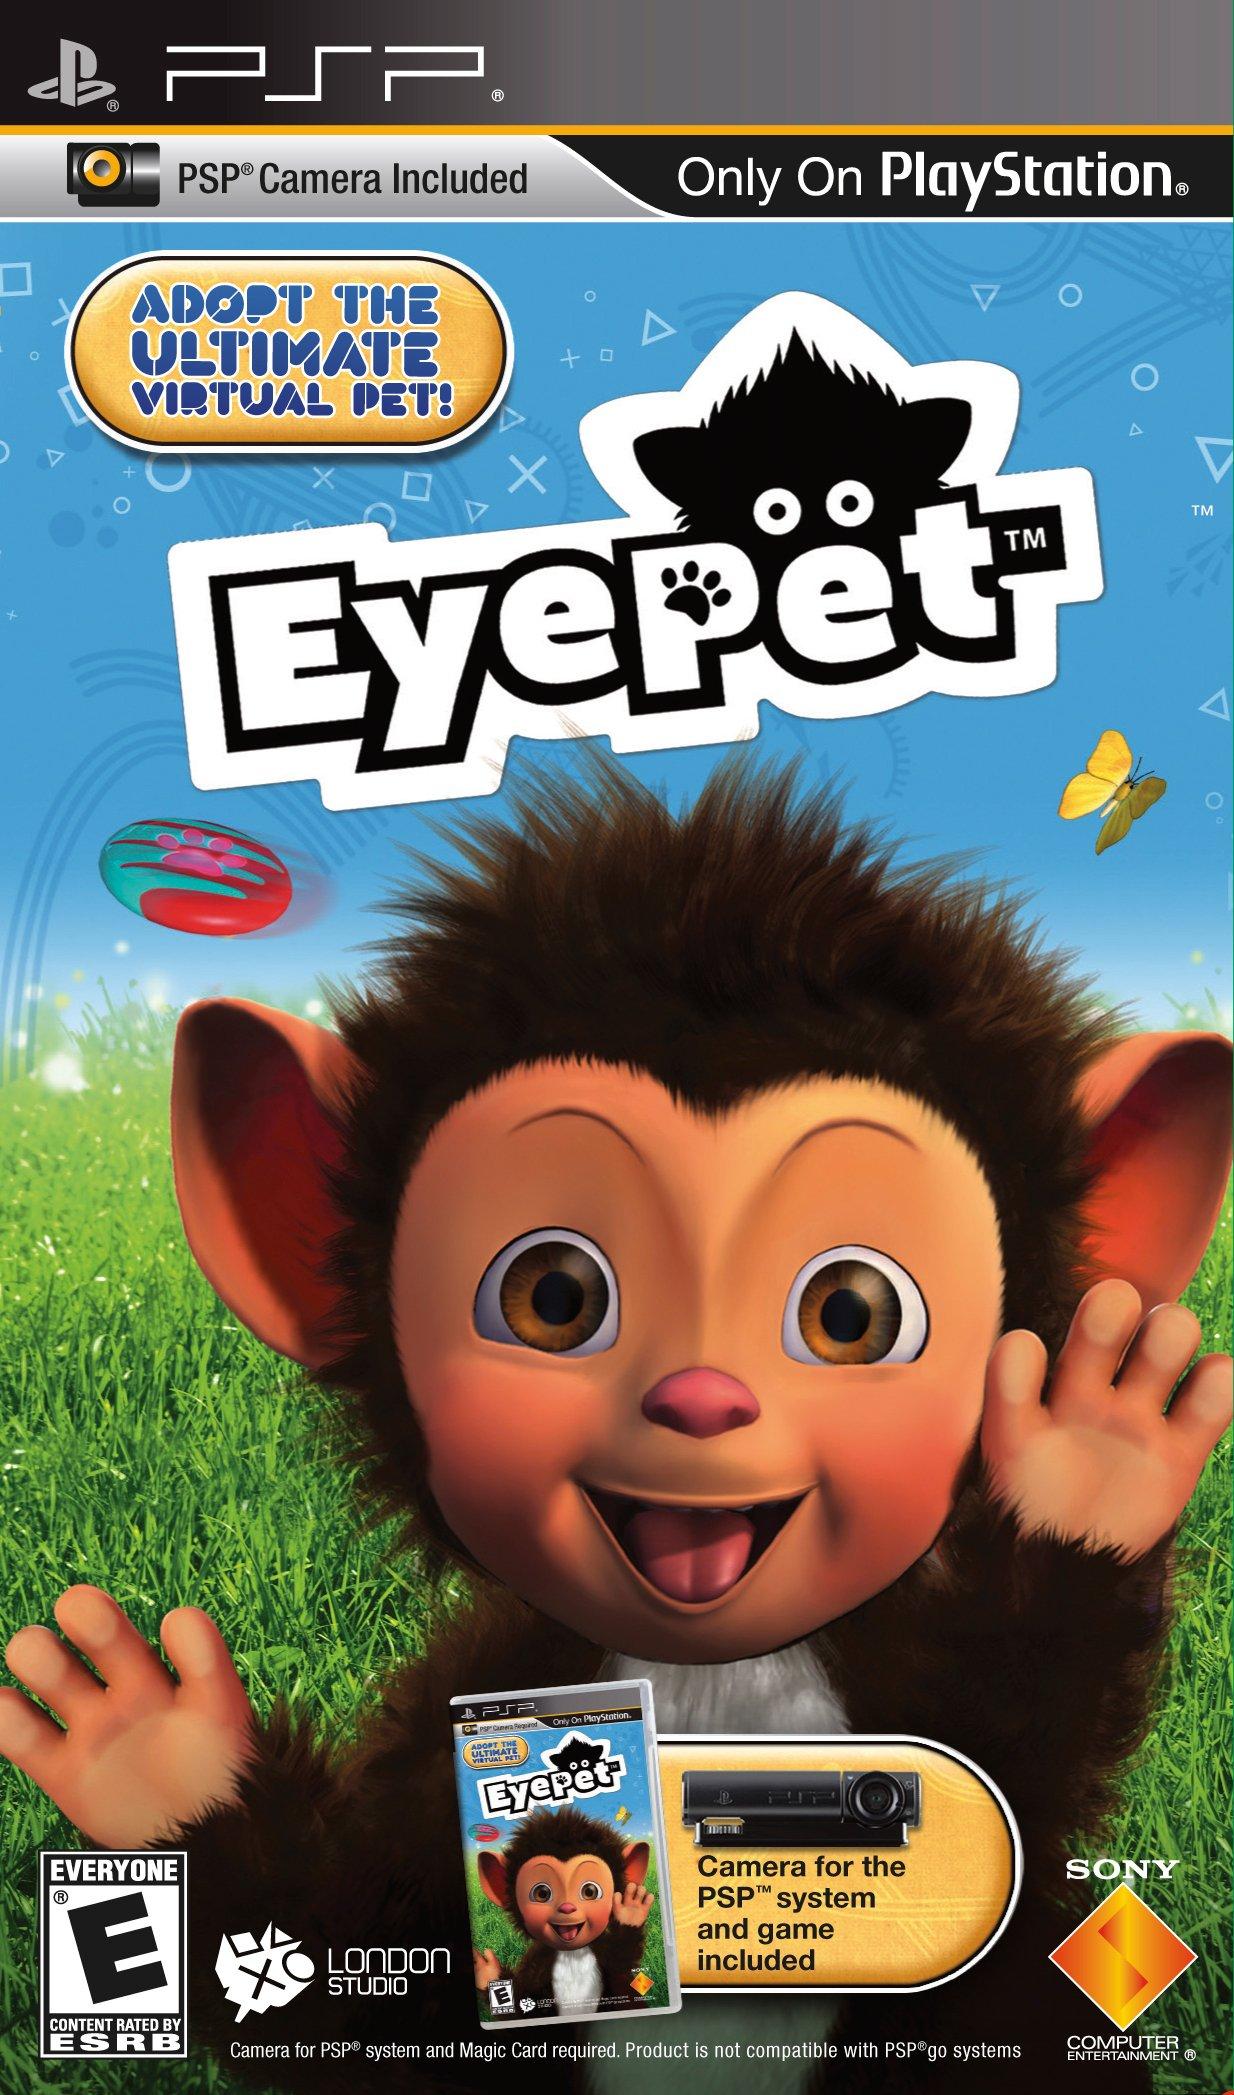 Eyepet/PSP